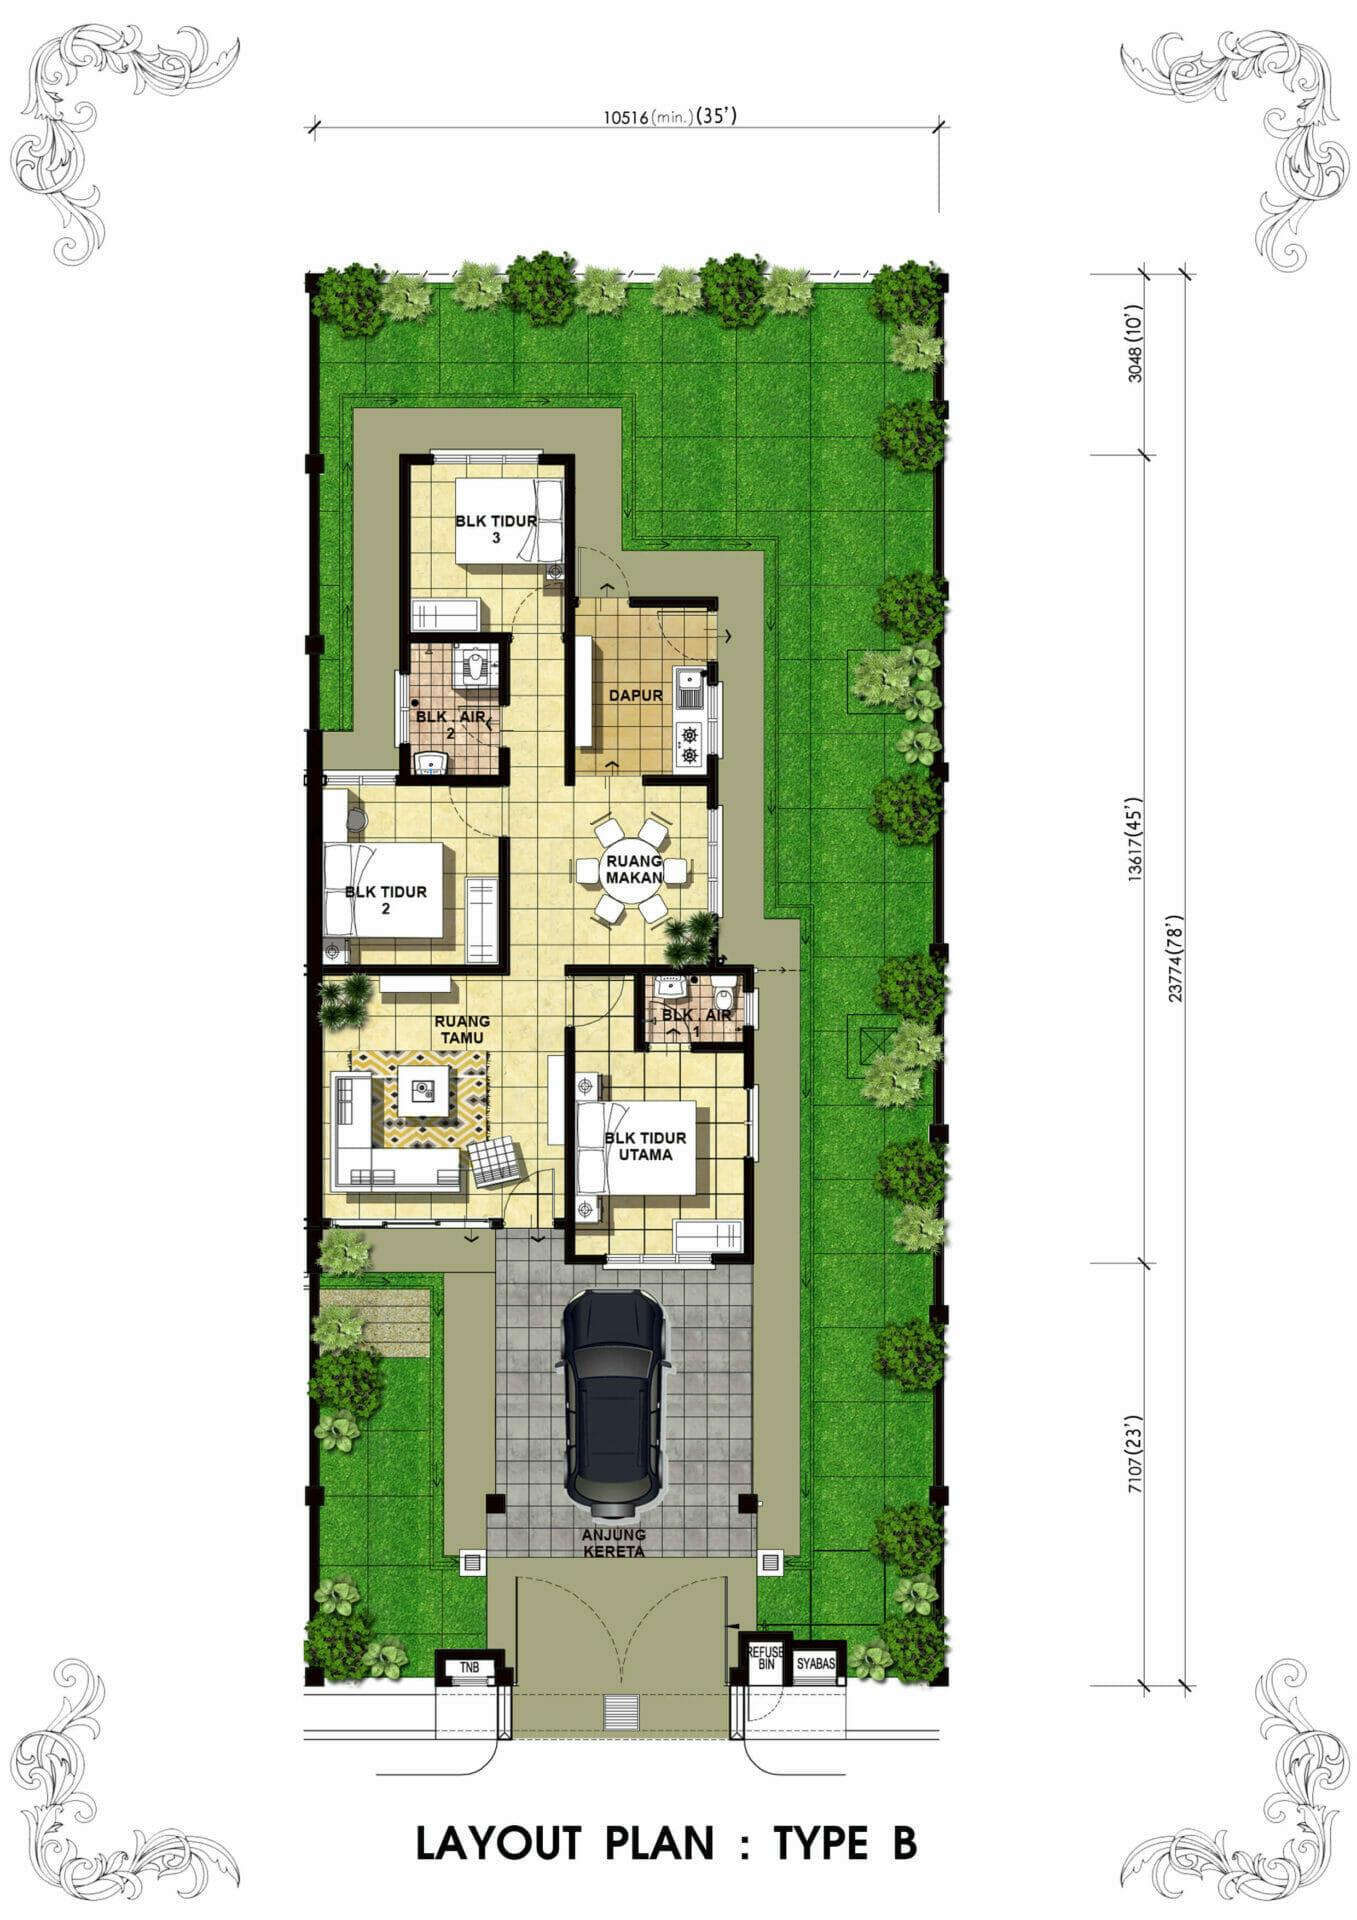 Lot 4208 Taman Bentara, Teluk Panglima Garang 54